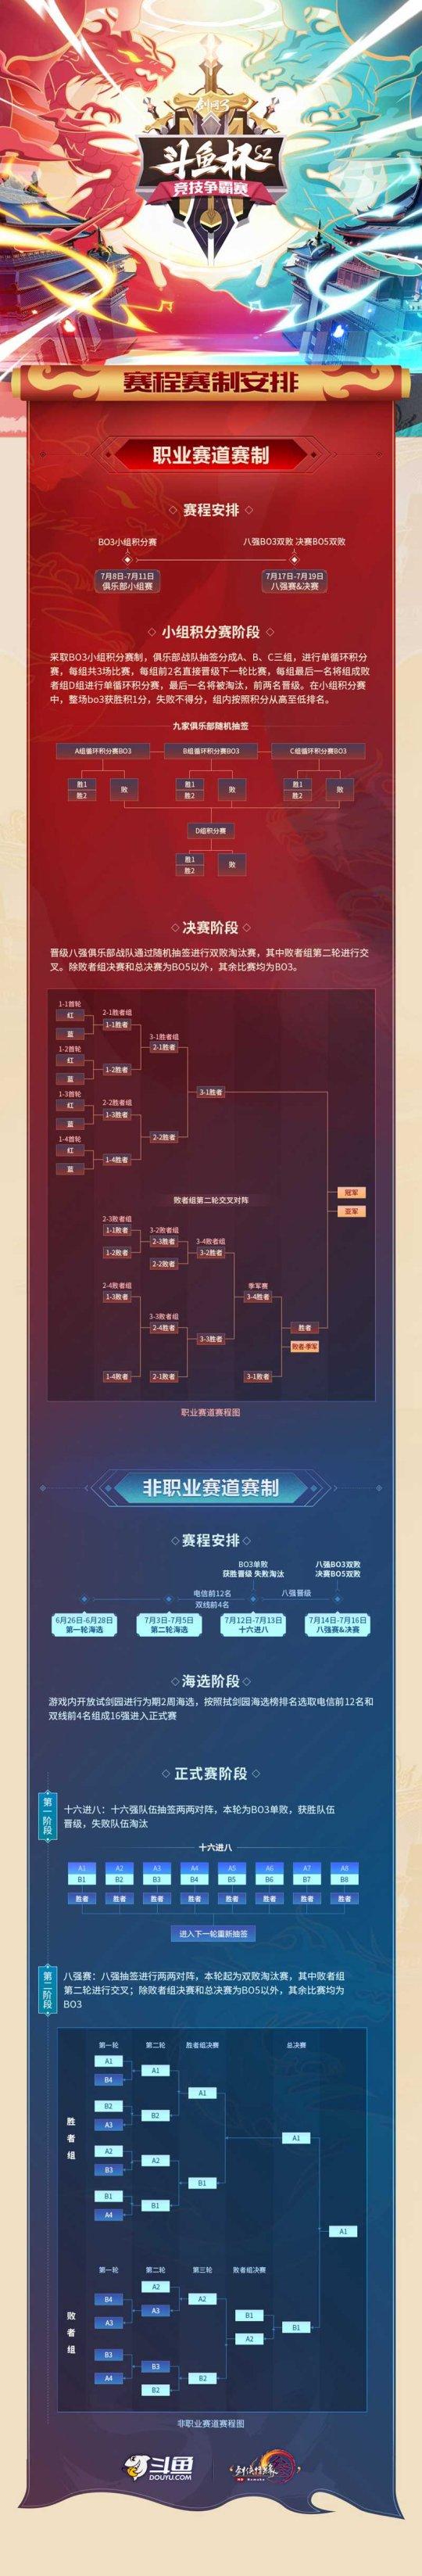 图8:正式赛程赛制安排.jpg